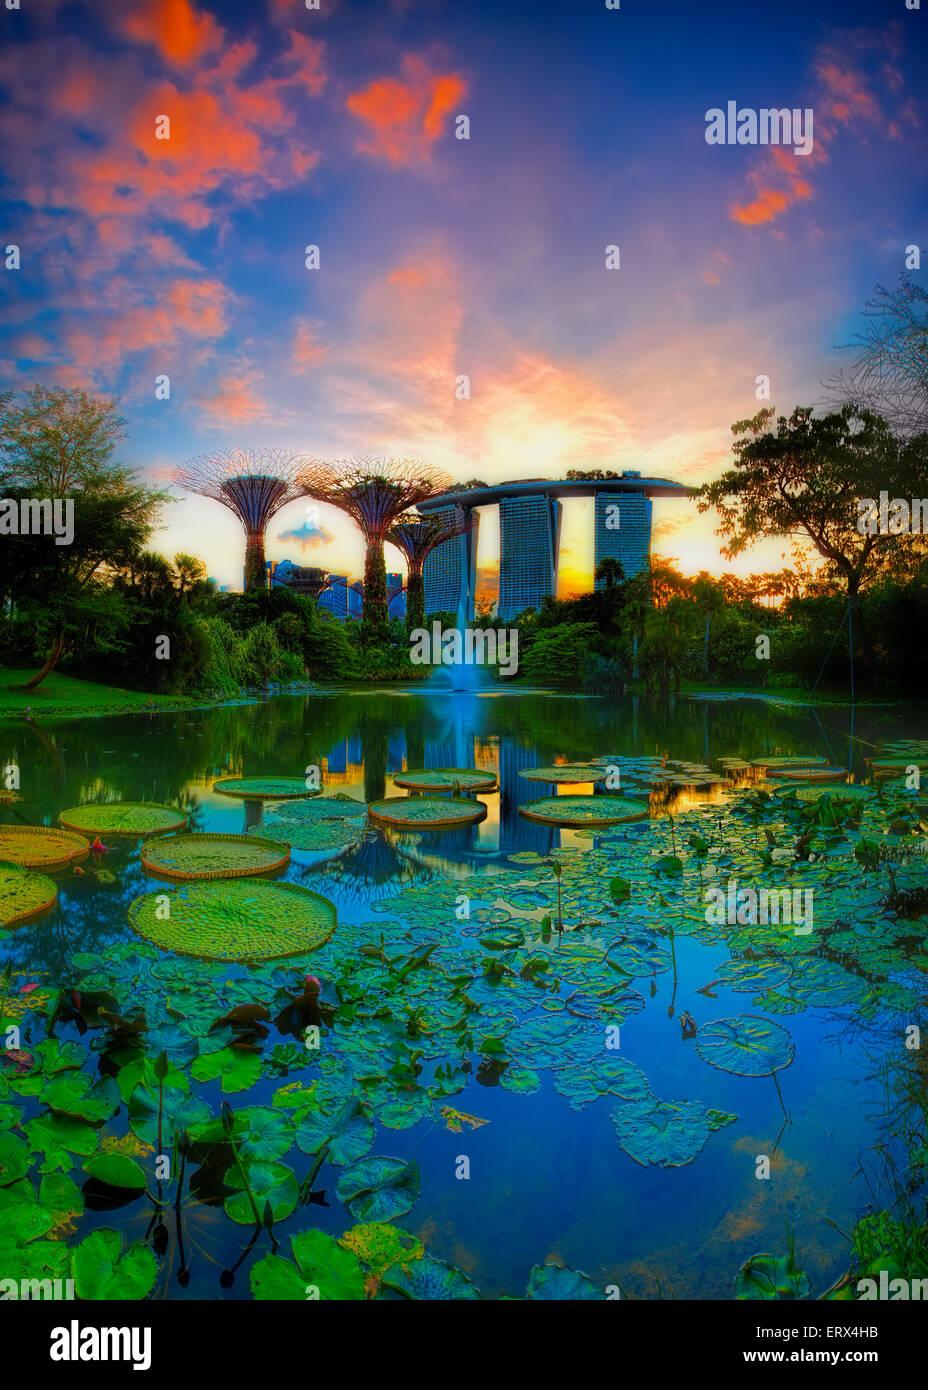 Singapur-jun 07: Noche de vista del estanque de nenúfares y Marina Bay Sands en jardines junto a la bahía Imagen De Stock